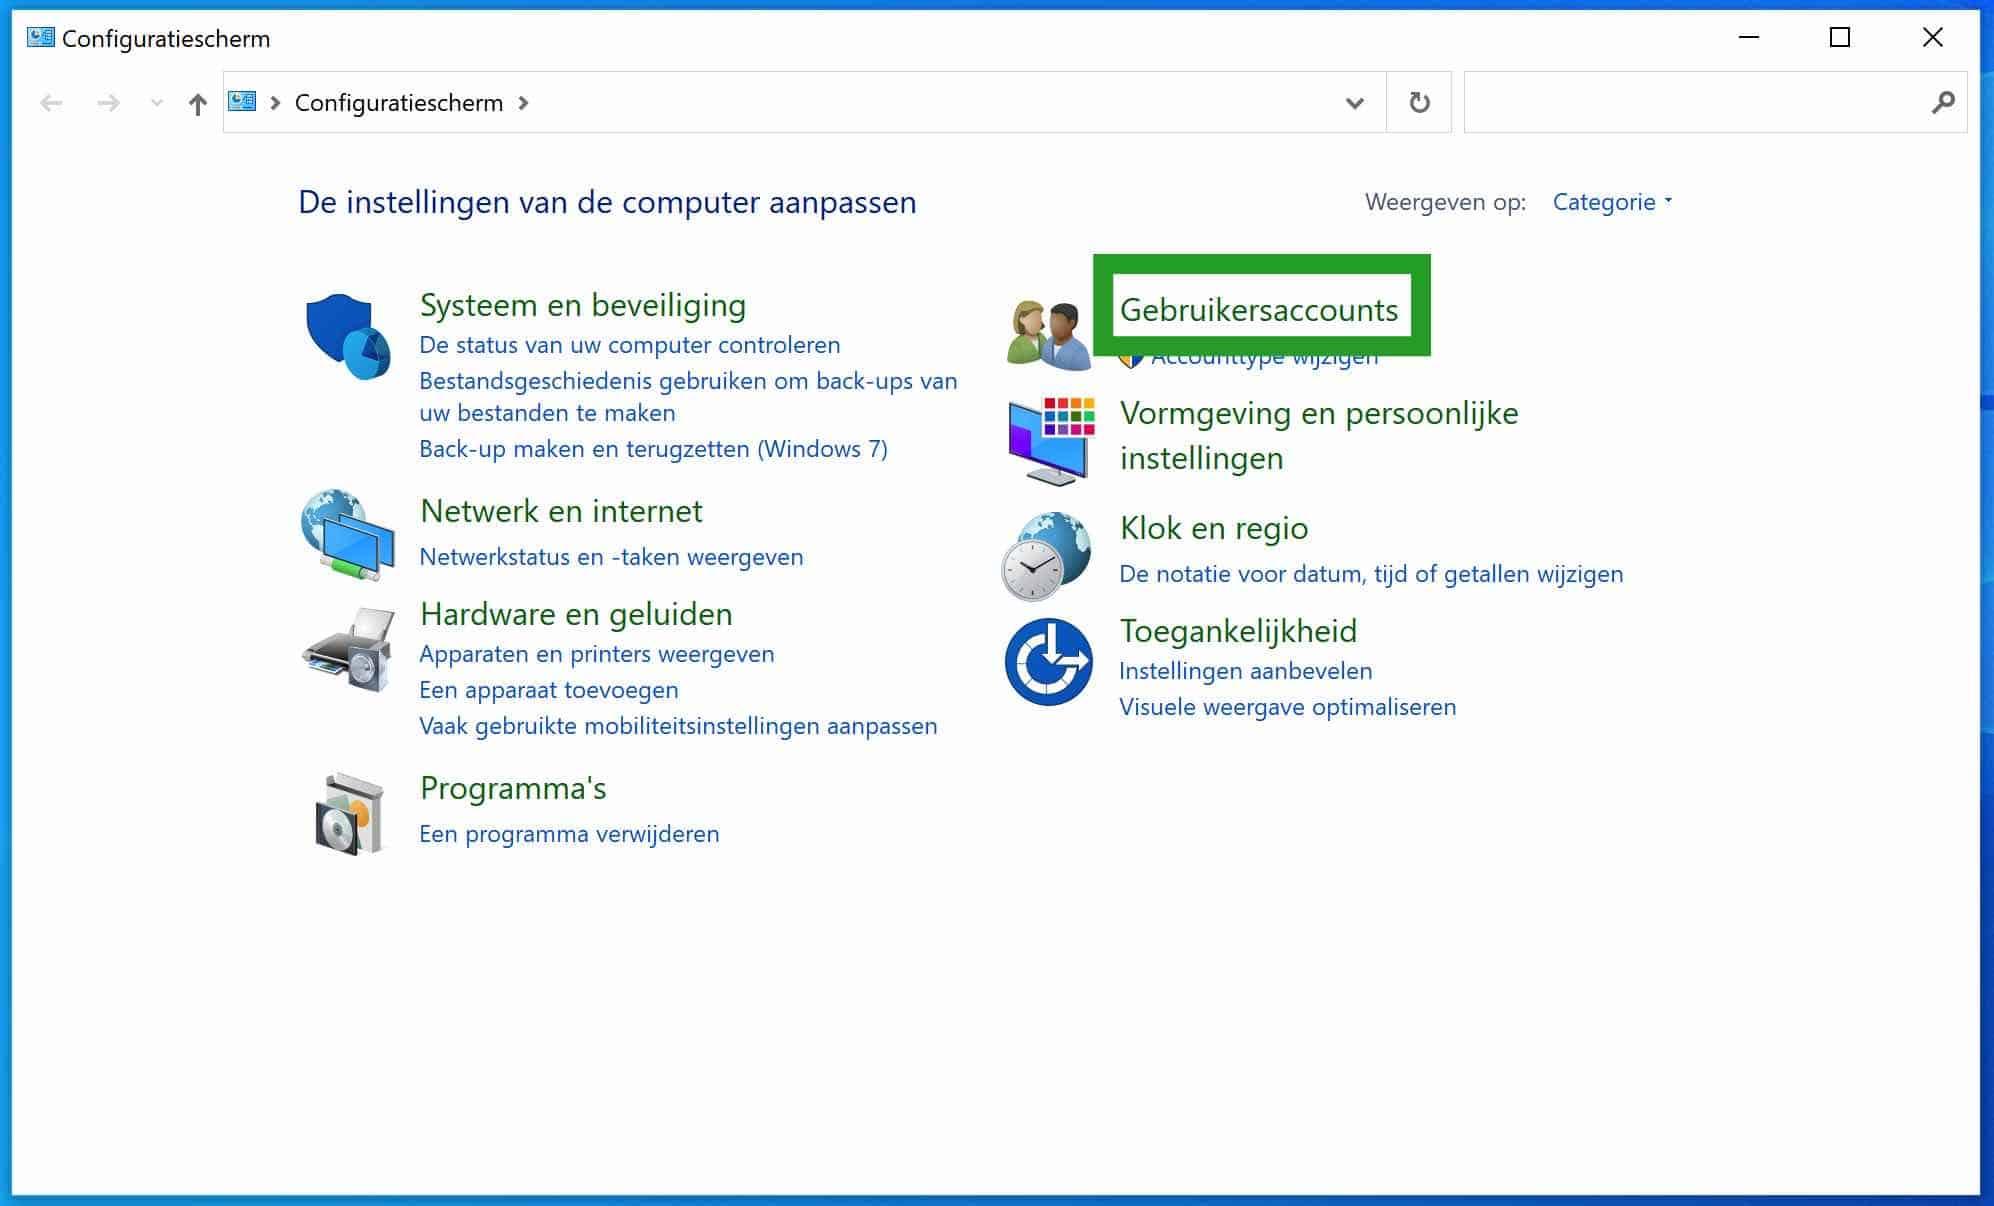 Configuratiescherm gebruikersaccounts